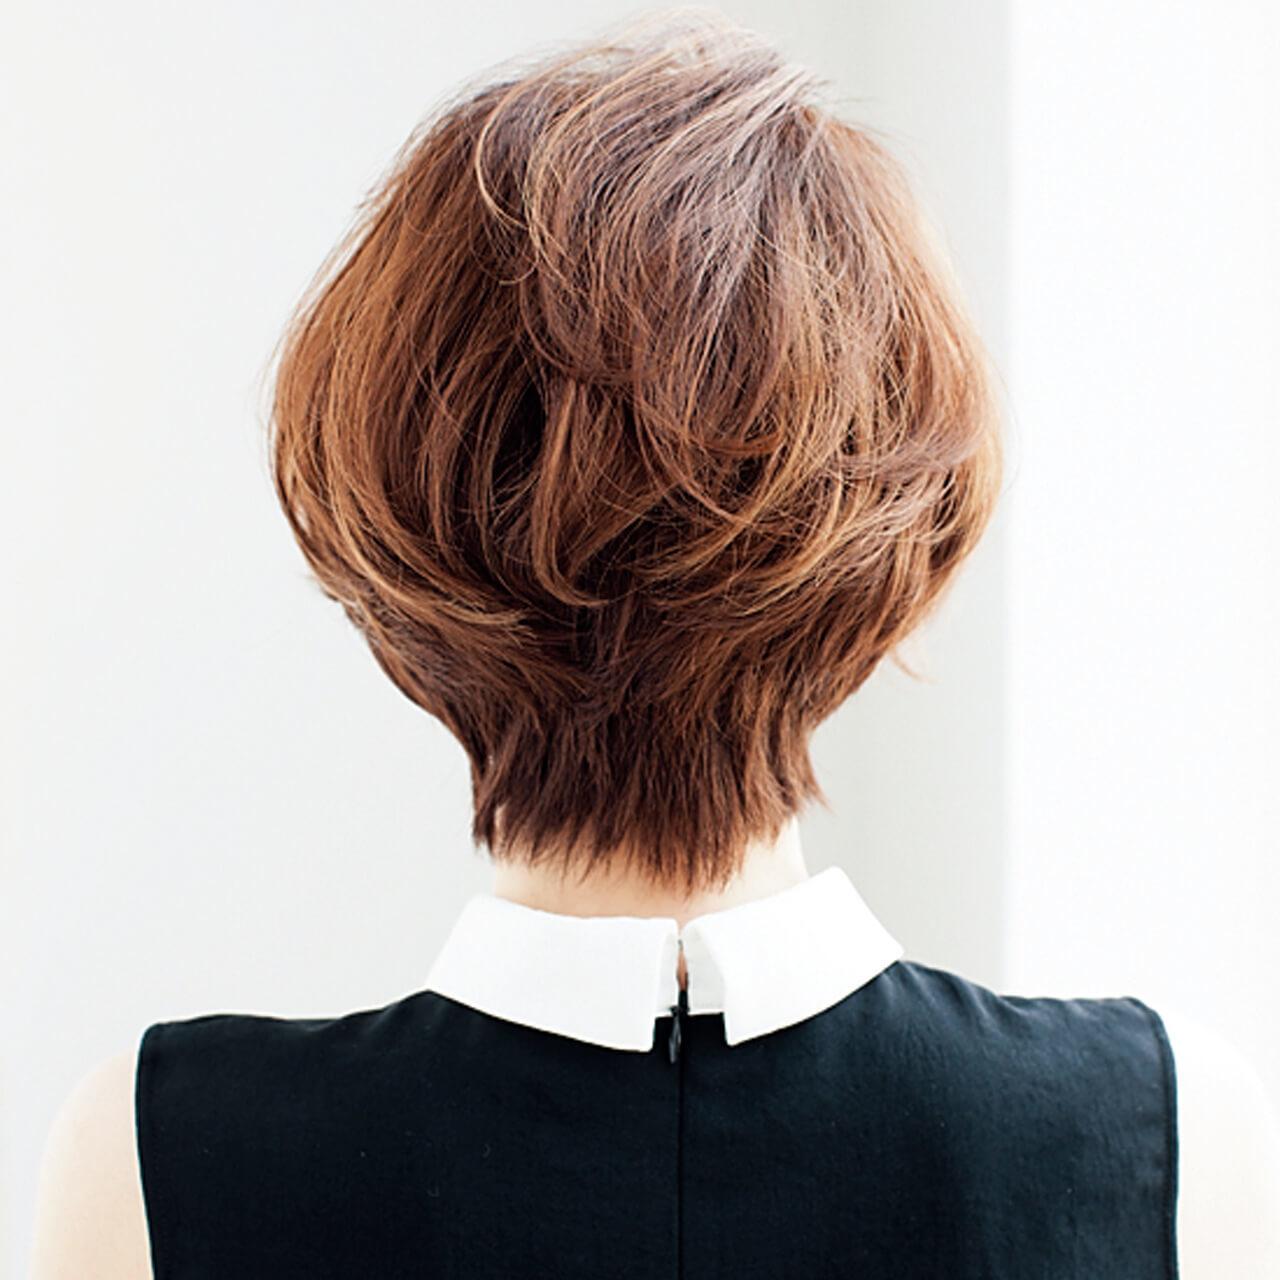 スタイルよく見えるひし形ショート。毛束感とカラーリング軽やかに【40代のショートヘア】_1_3